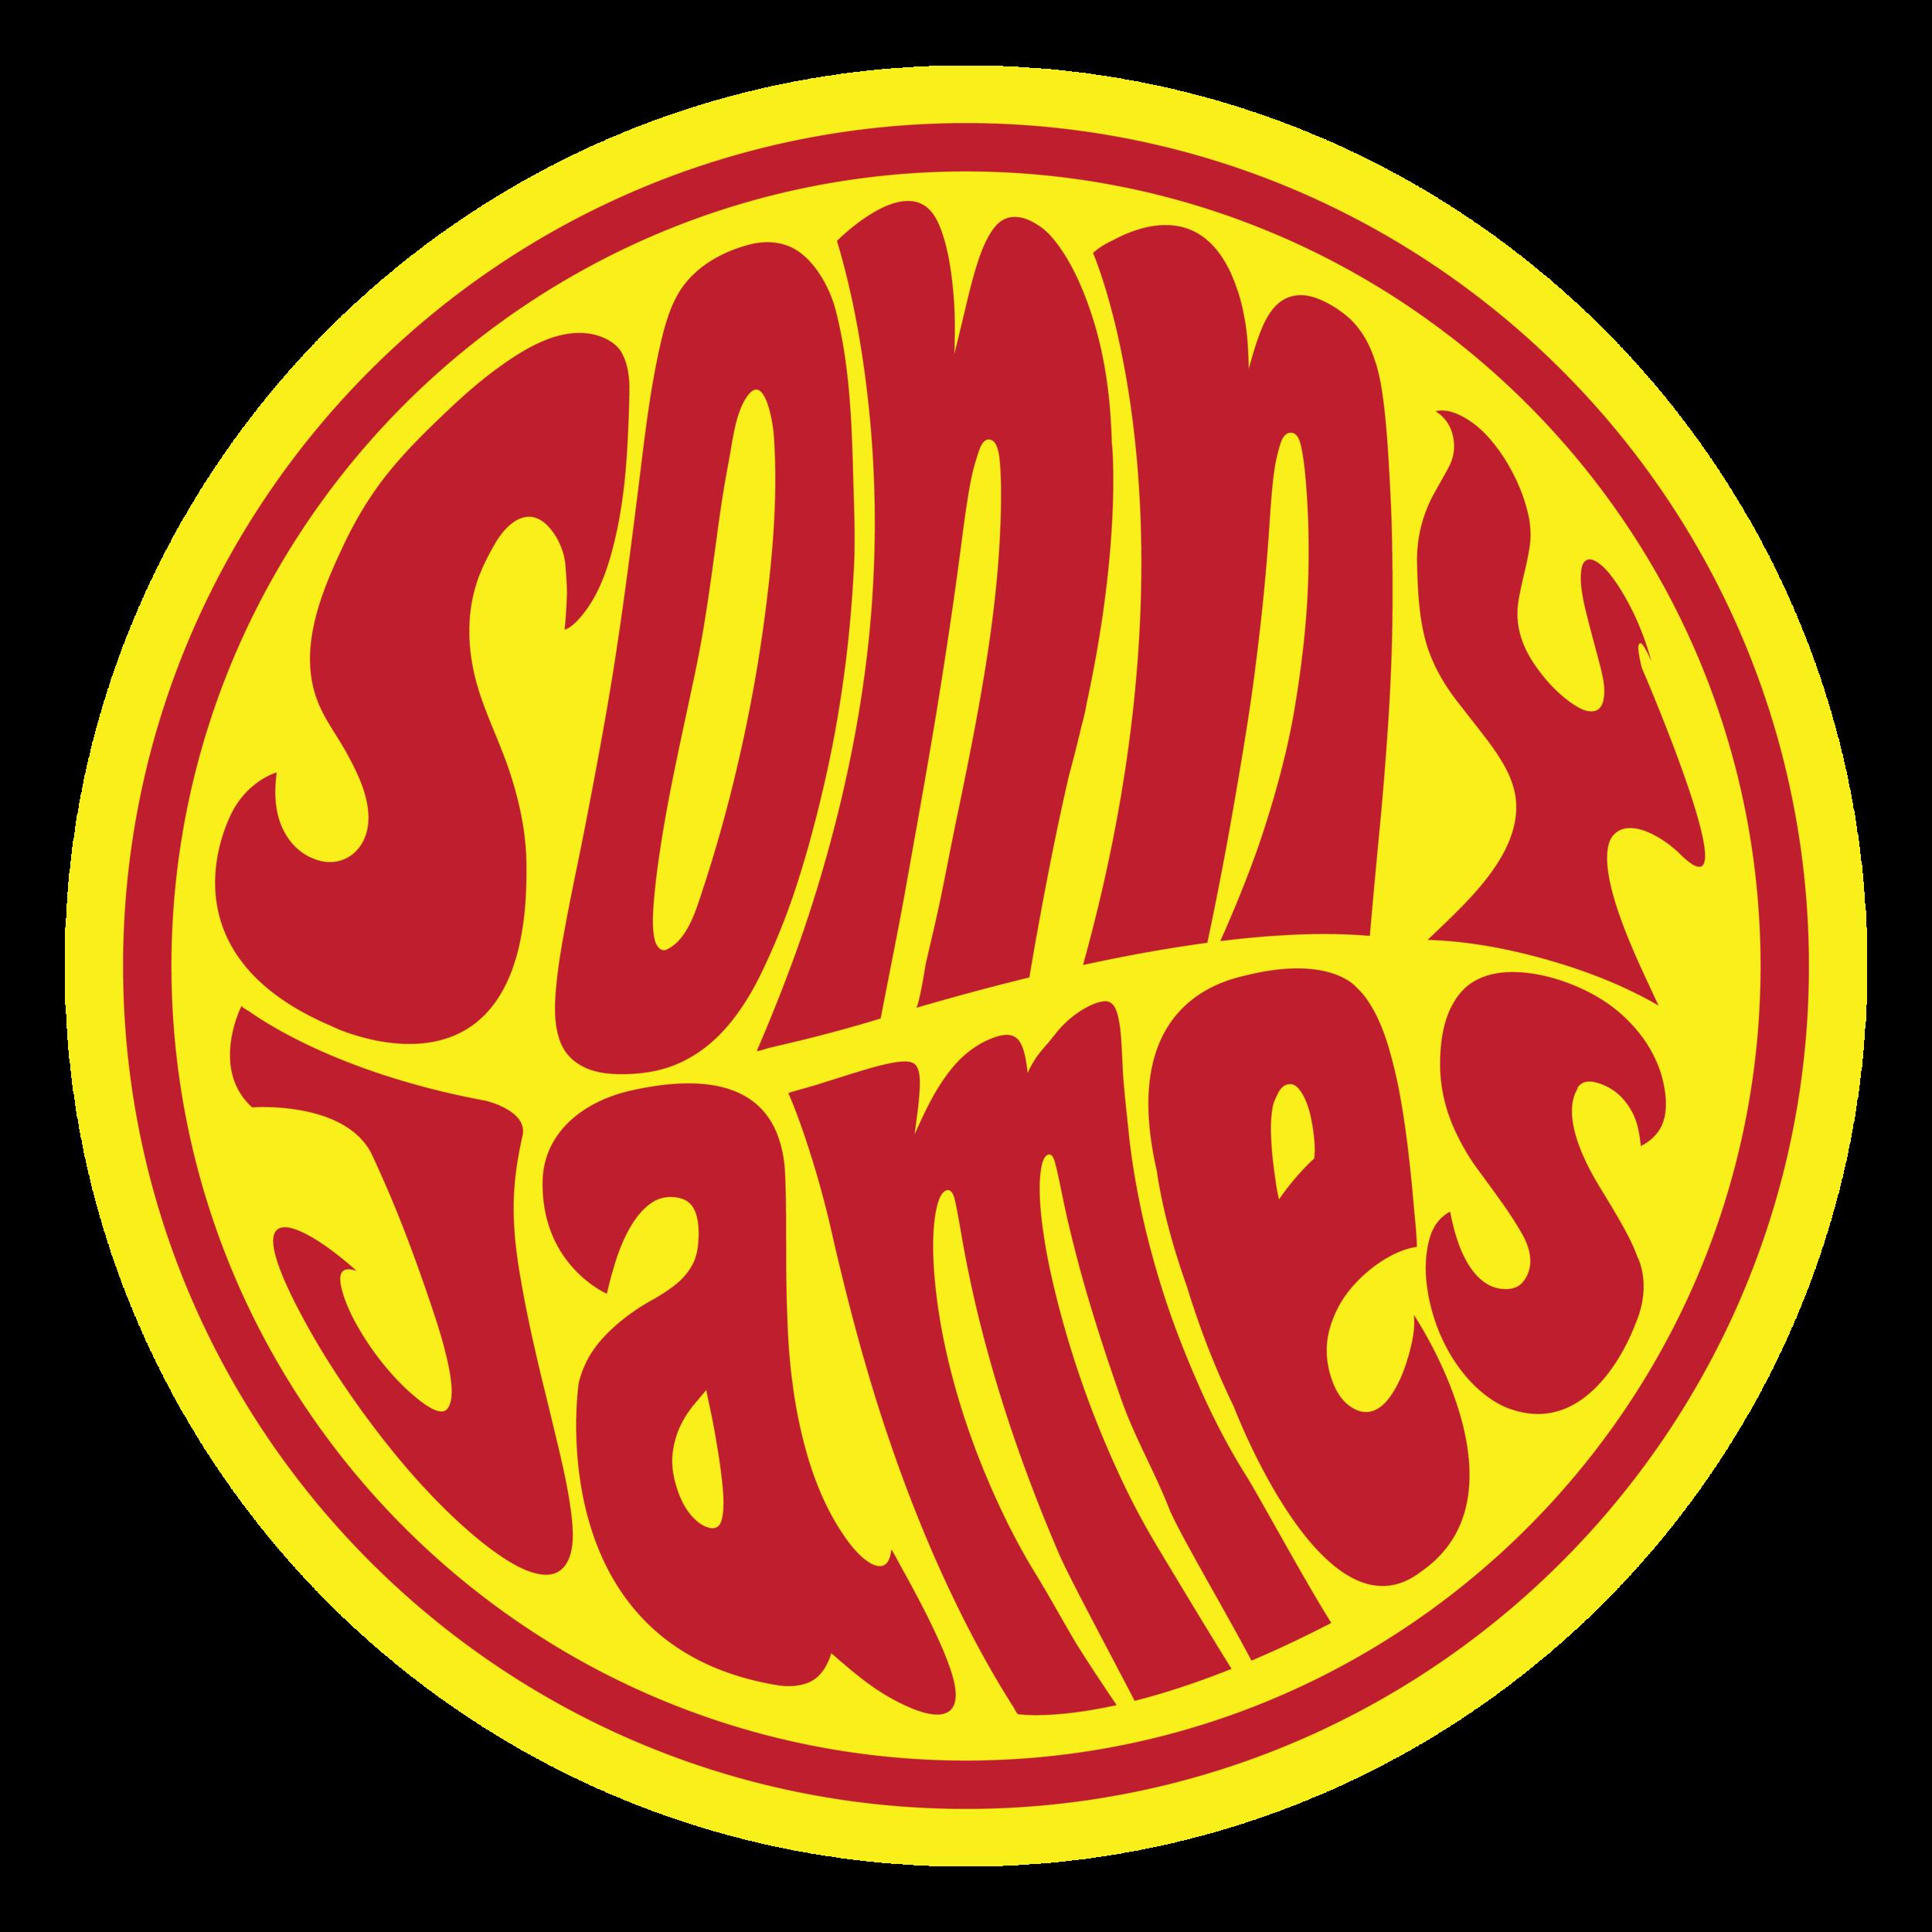 SonnyJames_psych5-02.png